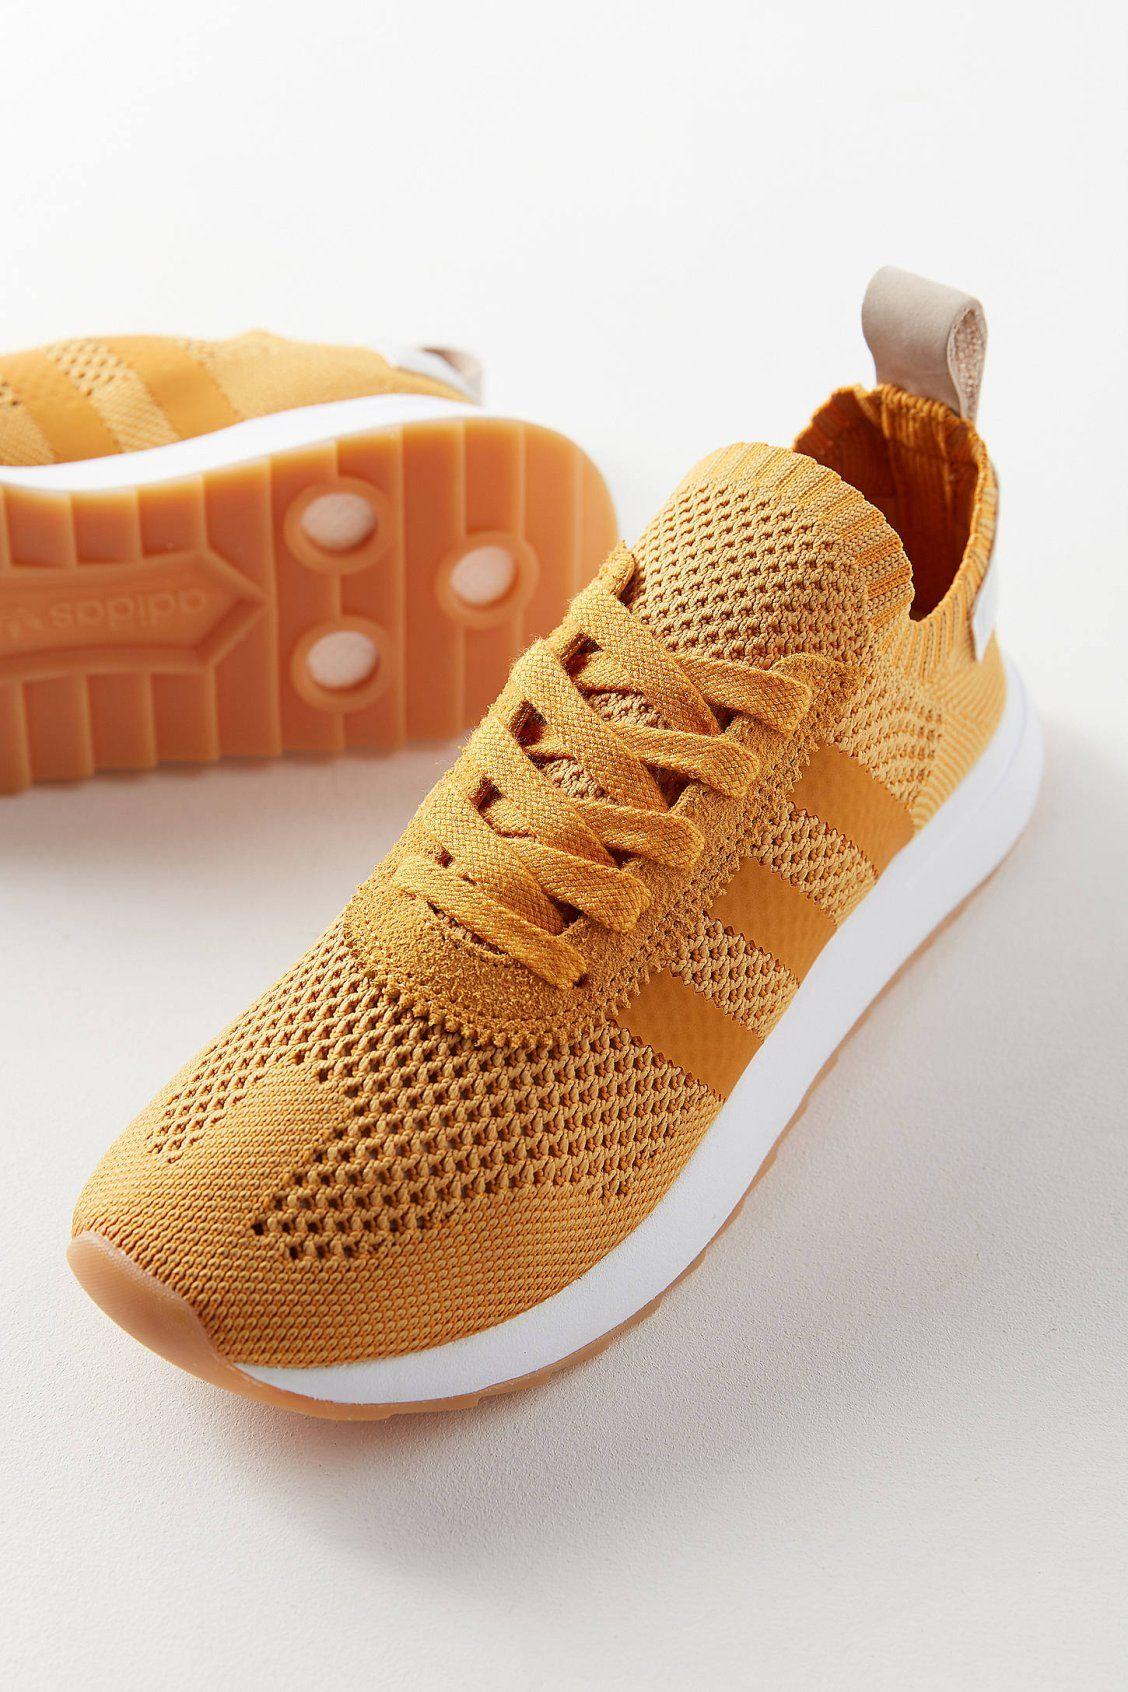 Adidas Originals flashback primeknit zapatilla zapatos zapatos zapatos